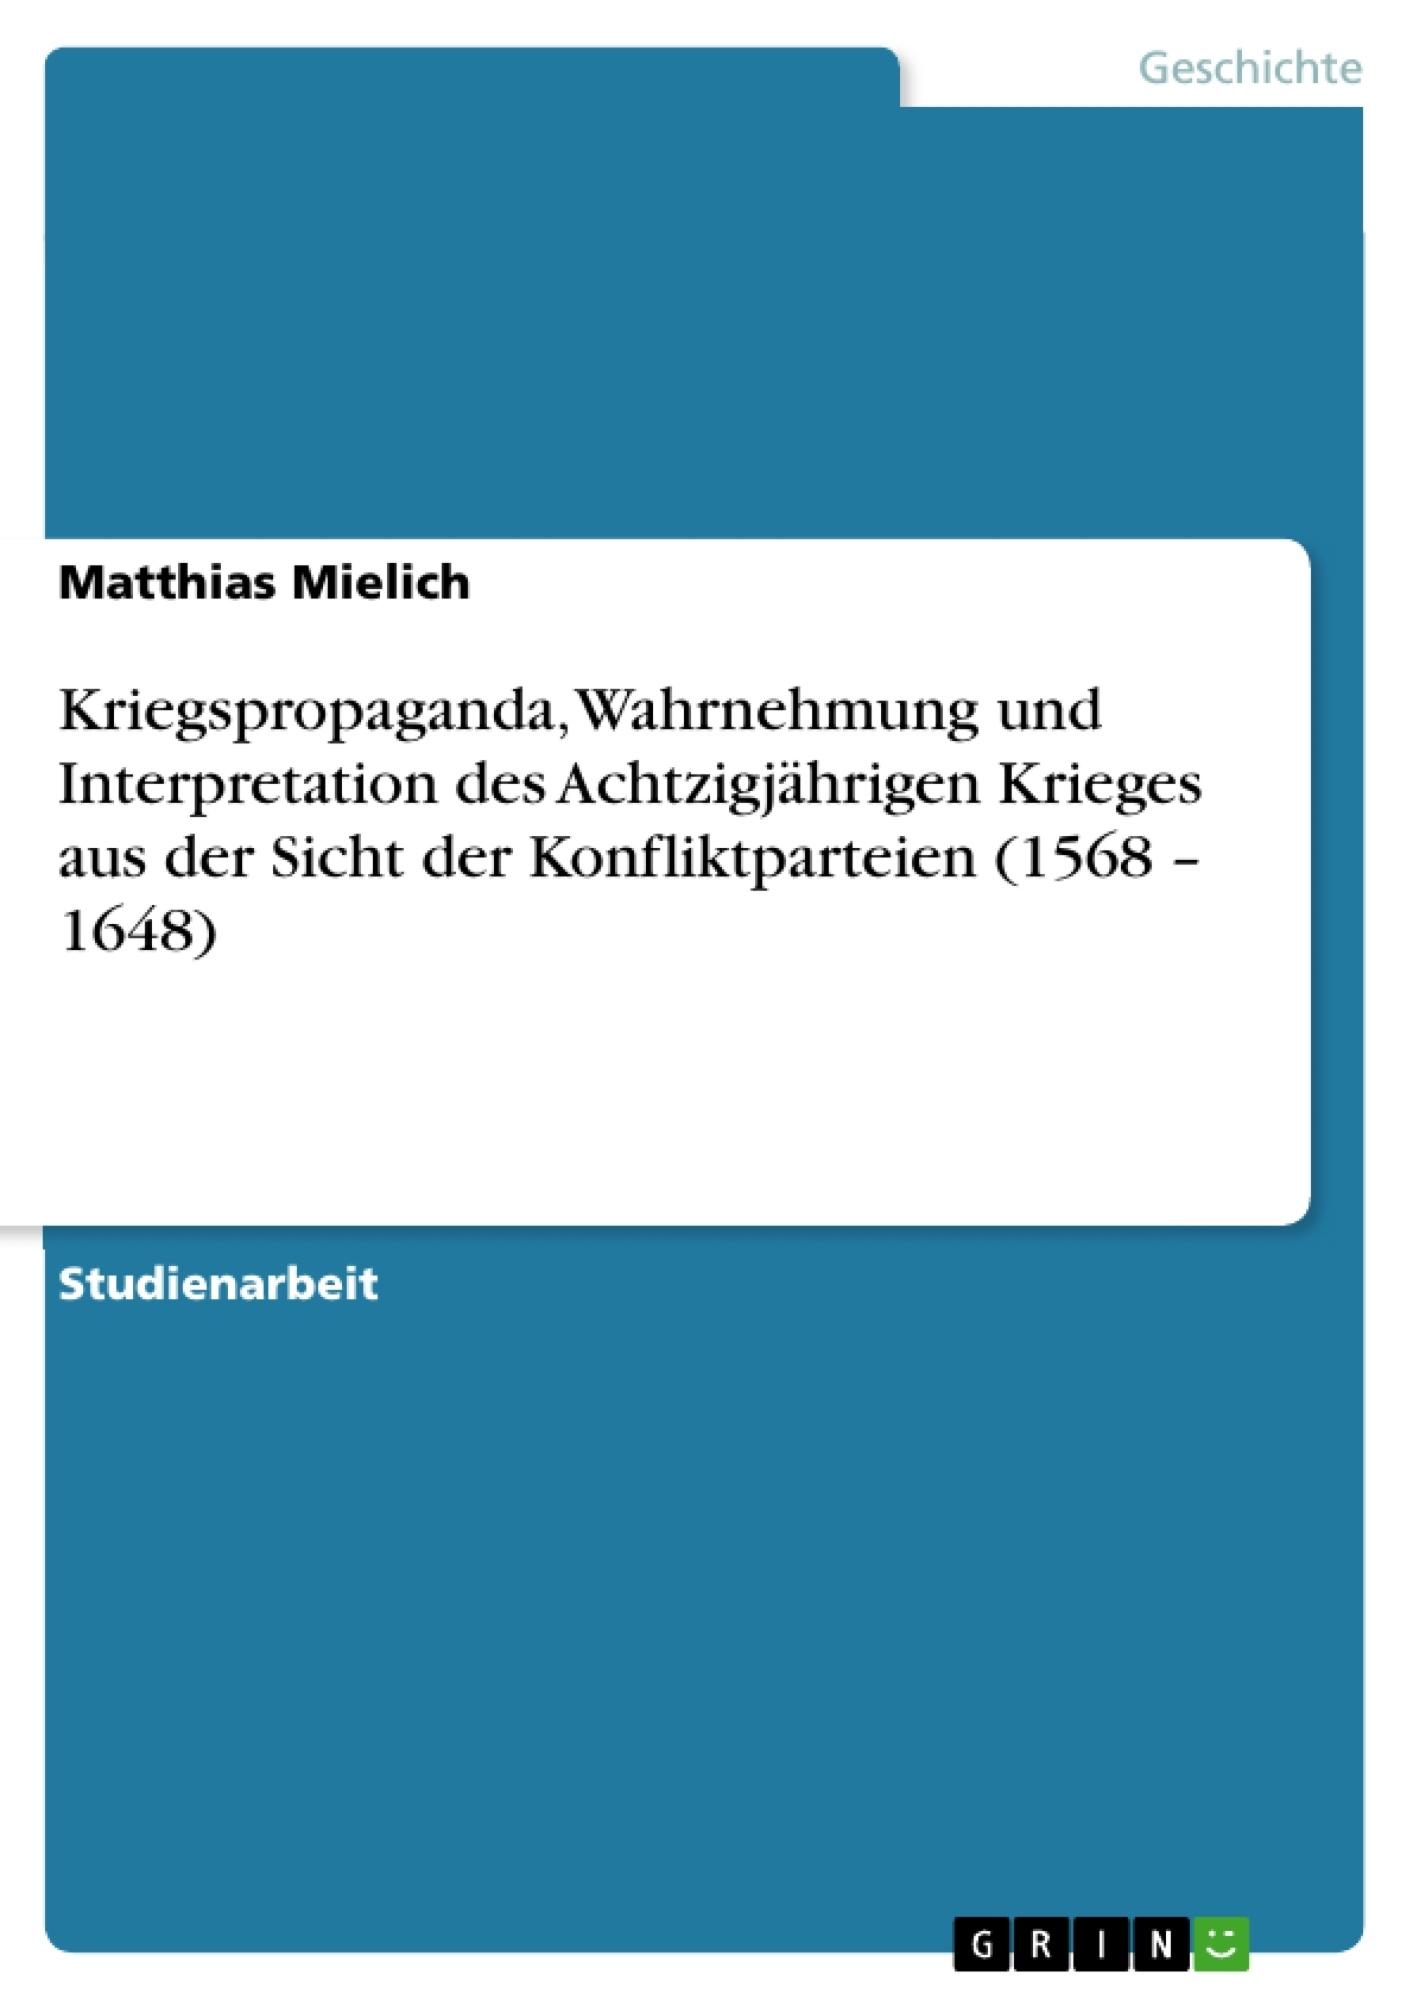 Titel: Kriegspropaganda, Wahrnehmung und Interpretation des Achtzigjährigen Krieges aus der Sicht der Konfliktparteien (1568 – 1648)